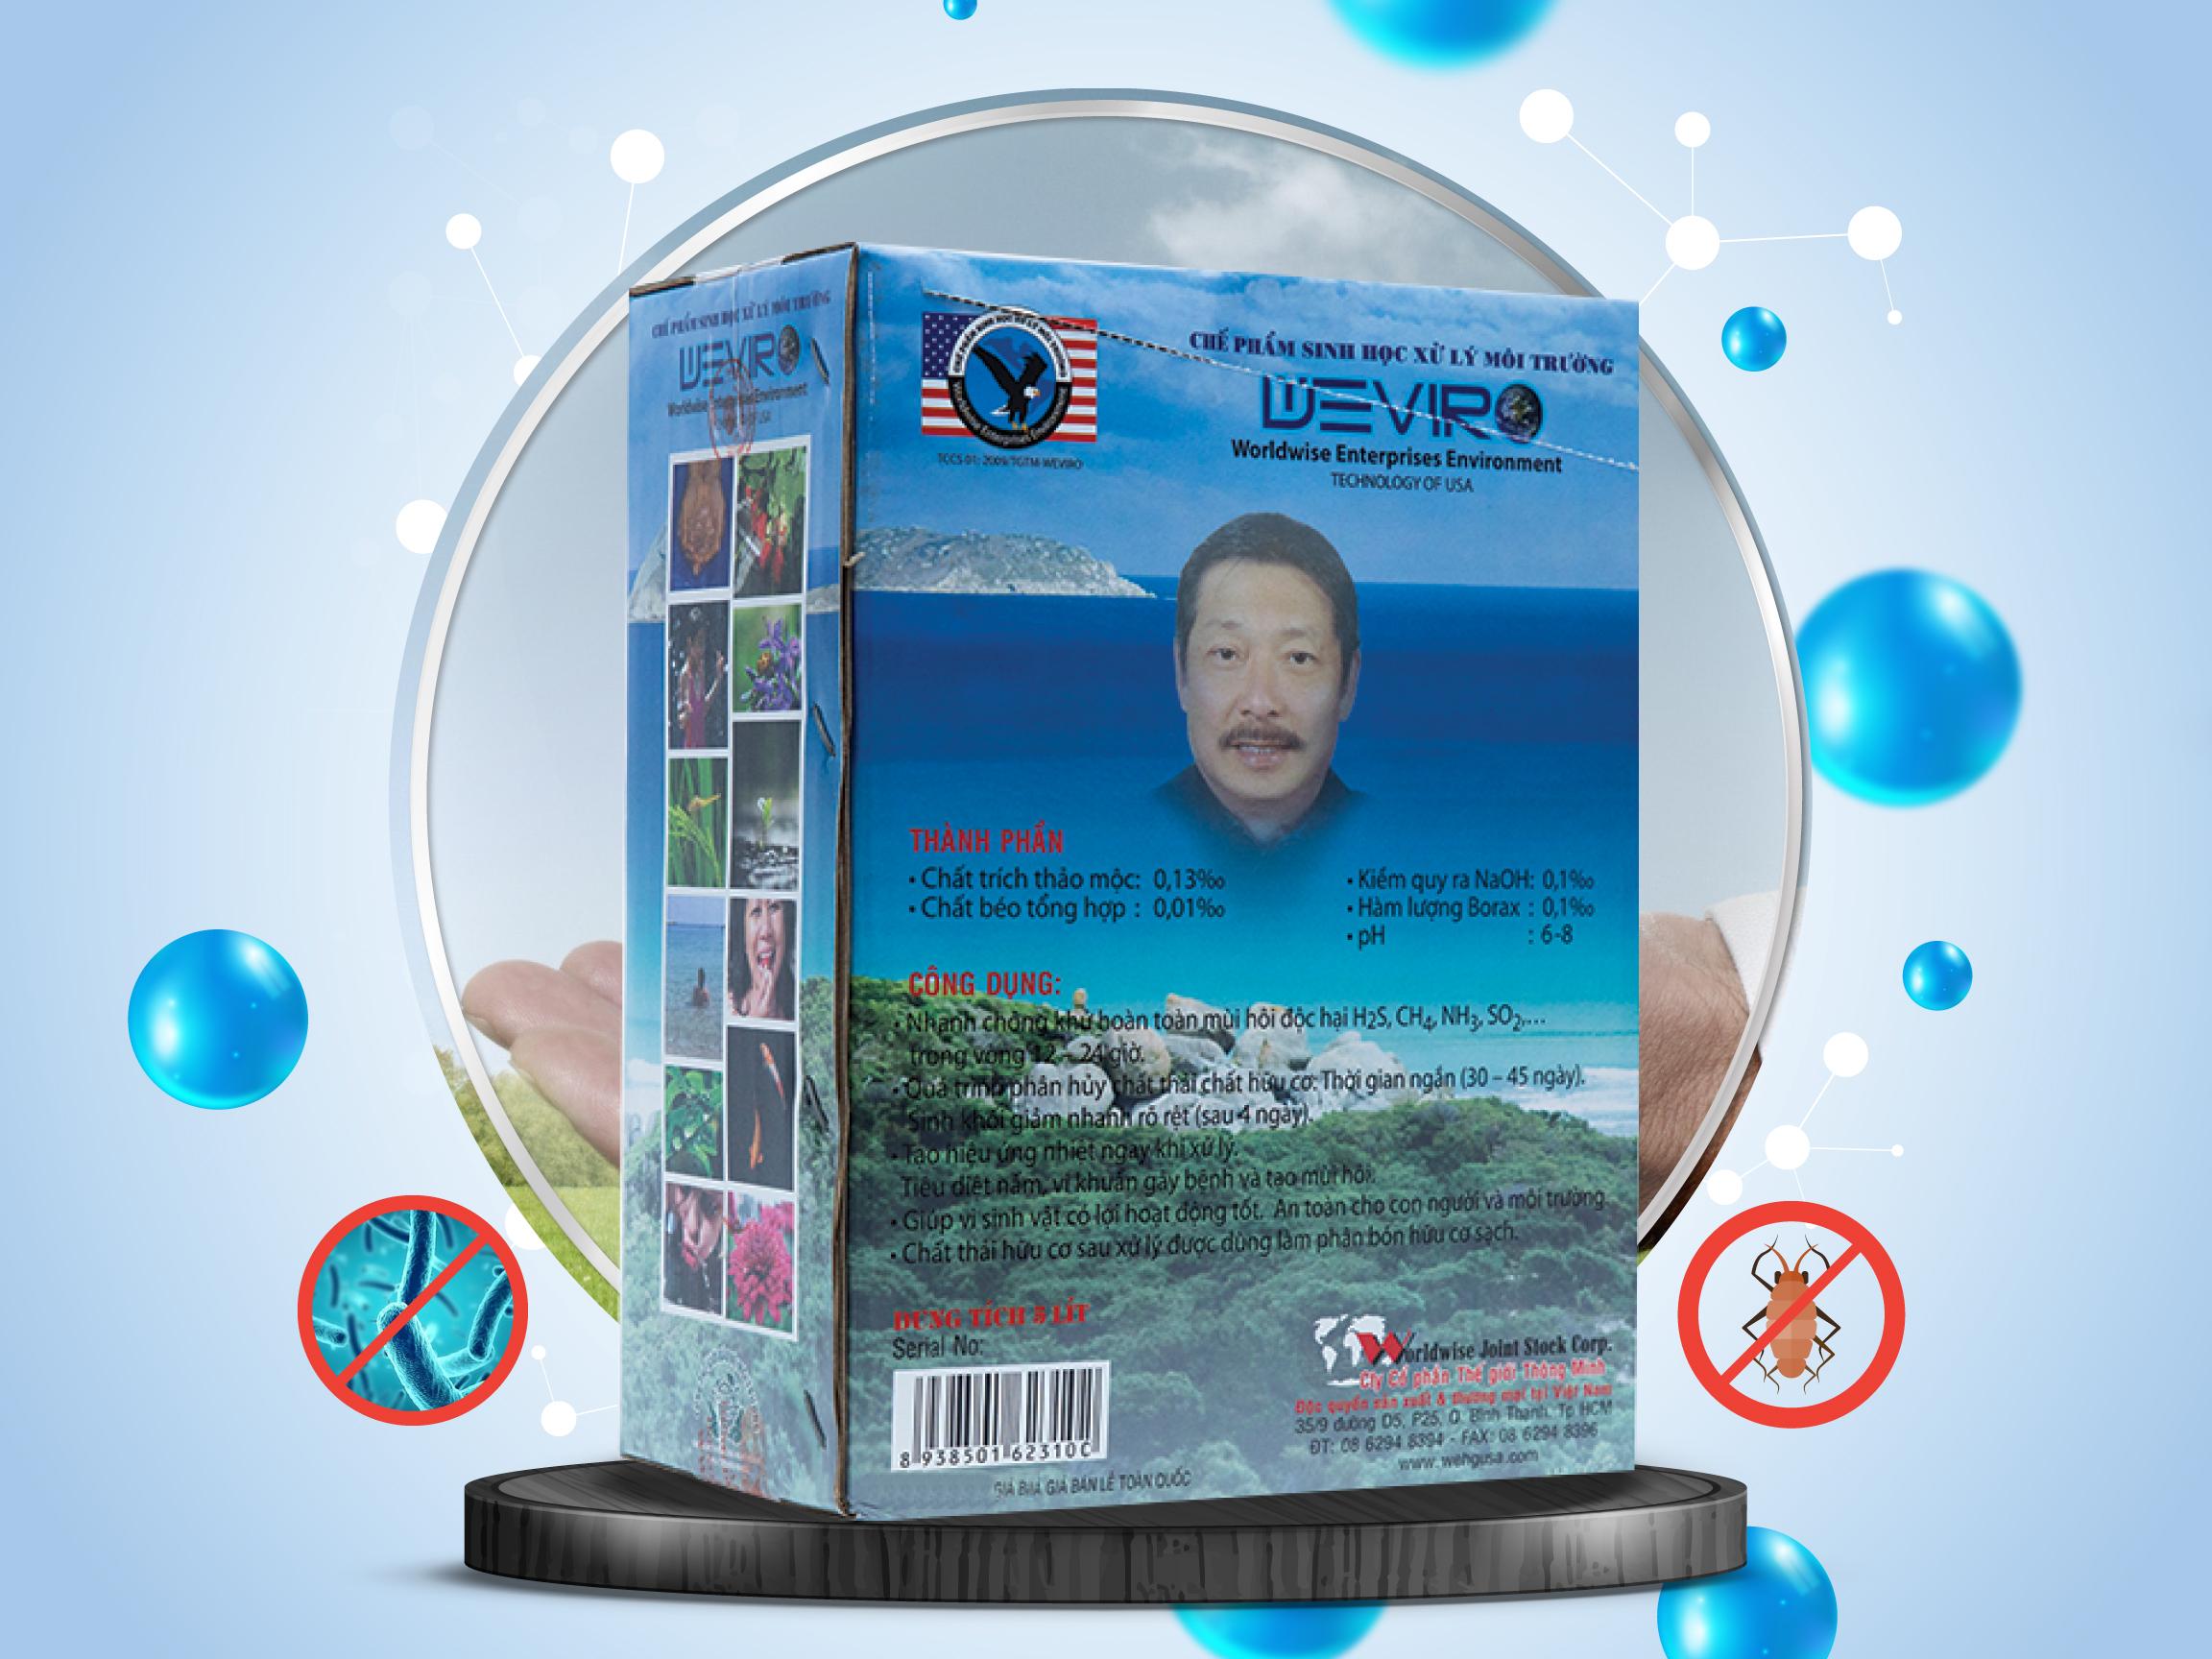 Xử lý mùi hôi, chất thải, nước thải